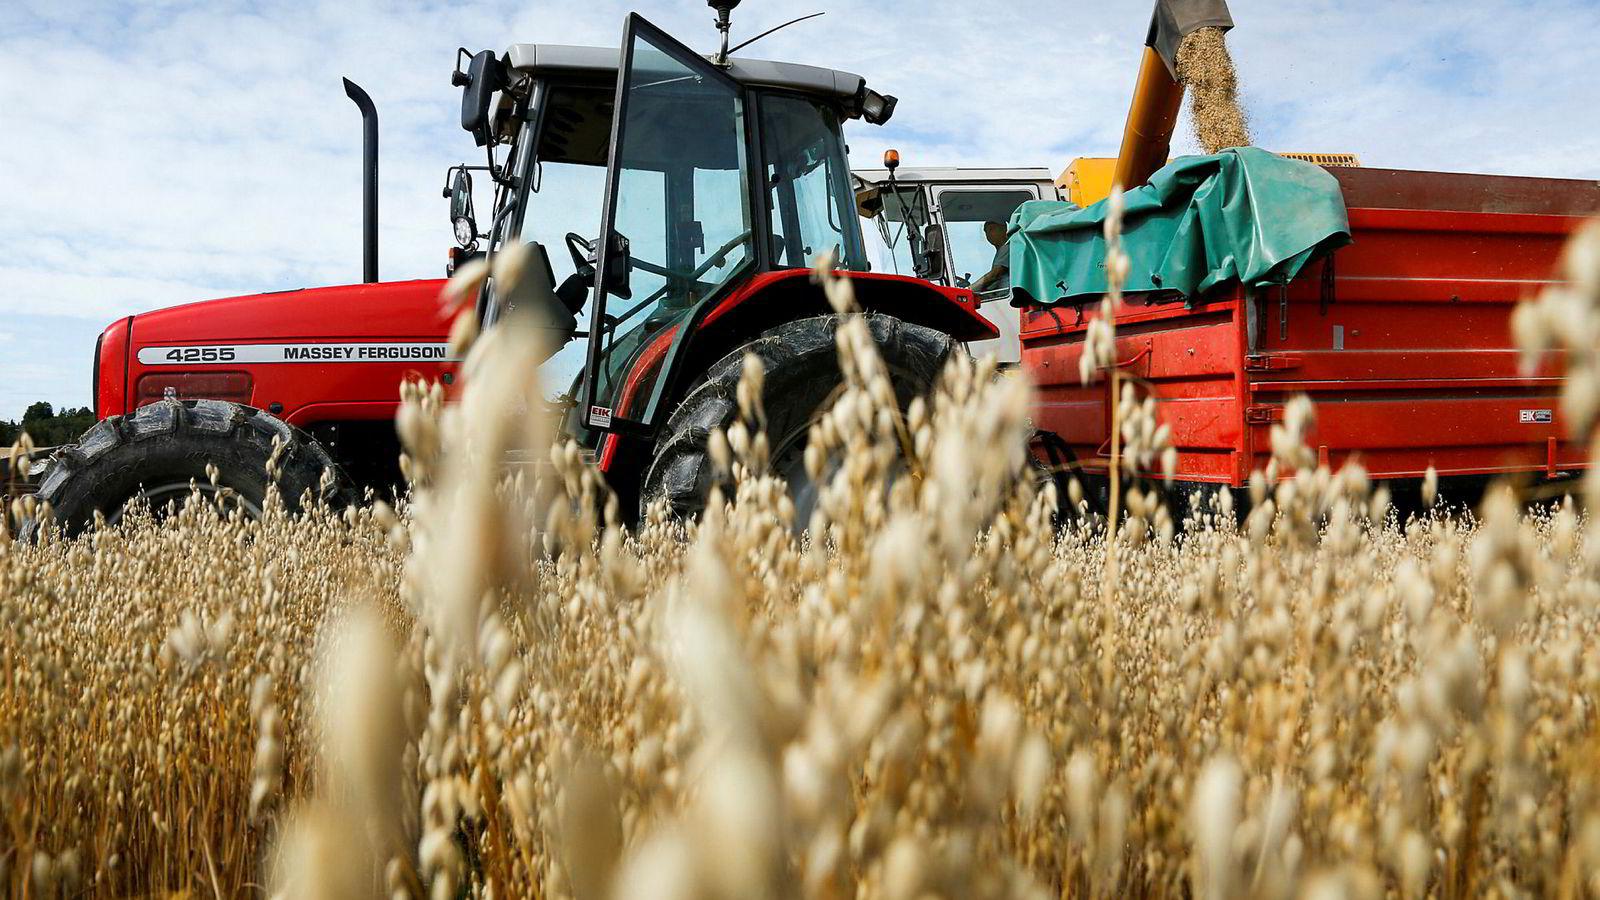 For første gang er det færre enn 40.000 søknader om produksjonstilskudd hos Landbruksdirektoratet.